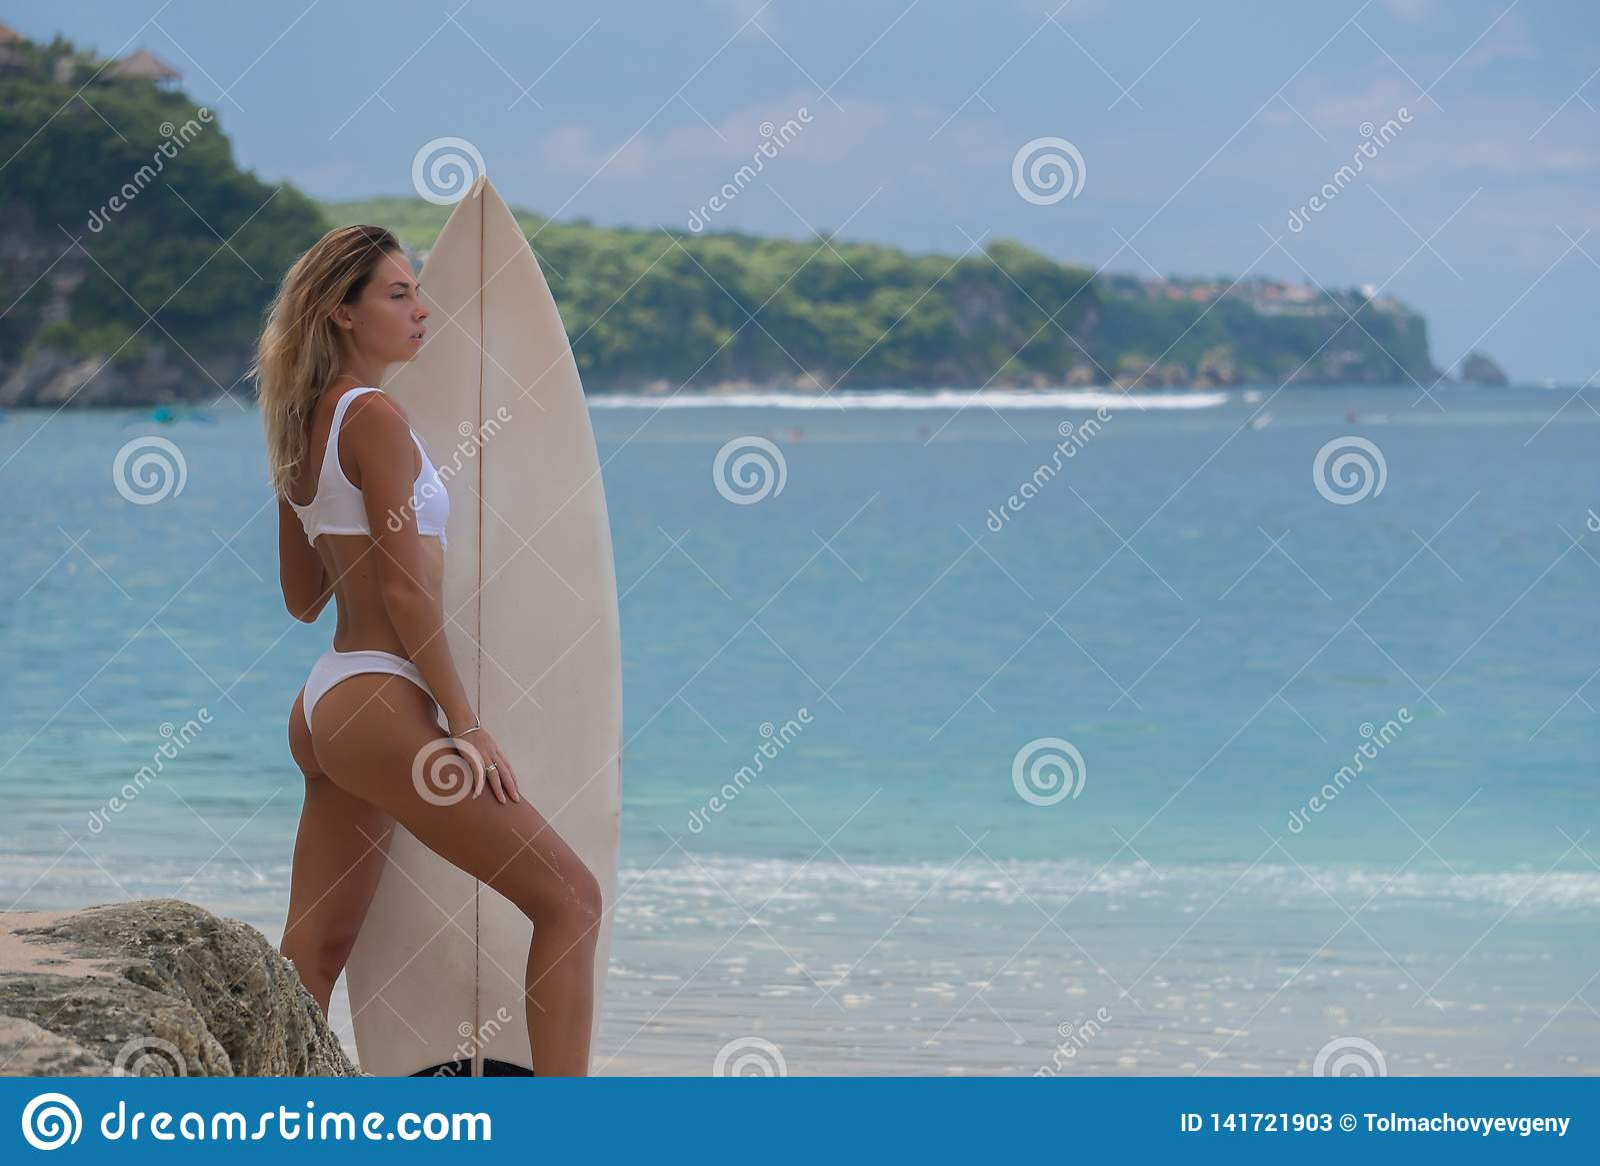 La mujer joven delgada se coloca de lado a la cámara, tablero de la tenencia, listo para practicar surf